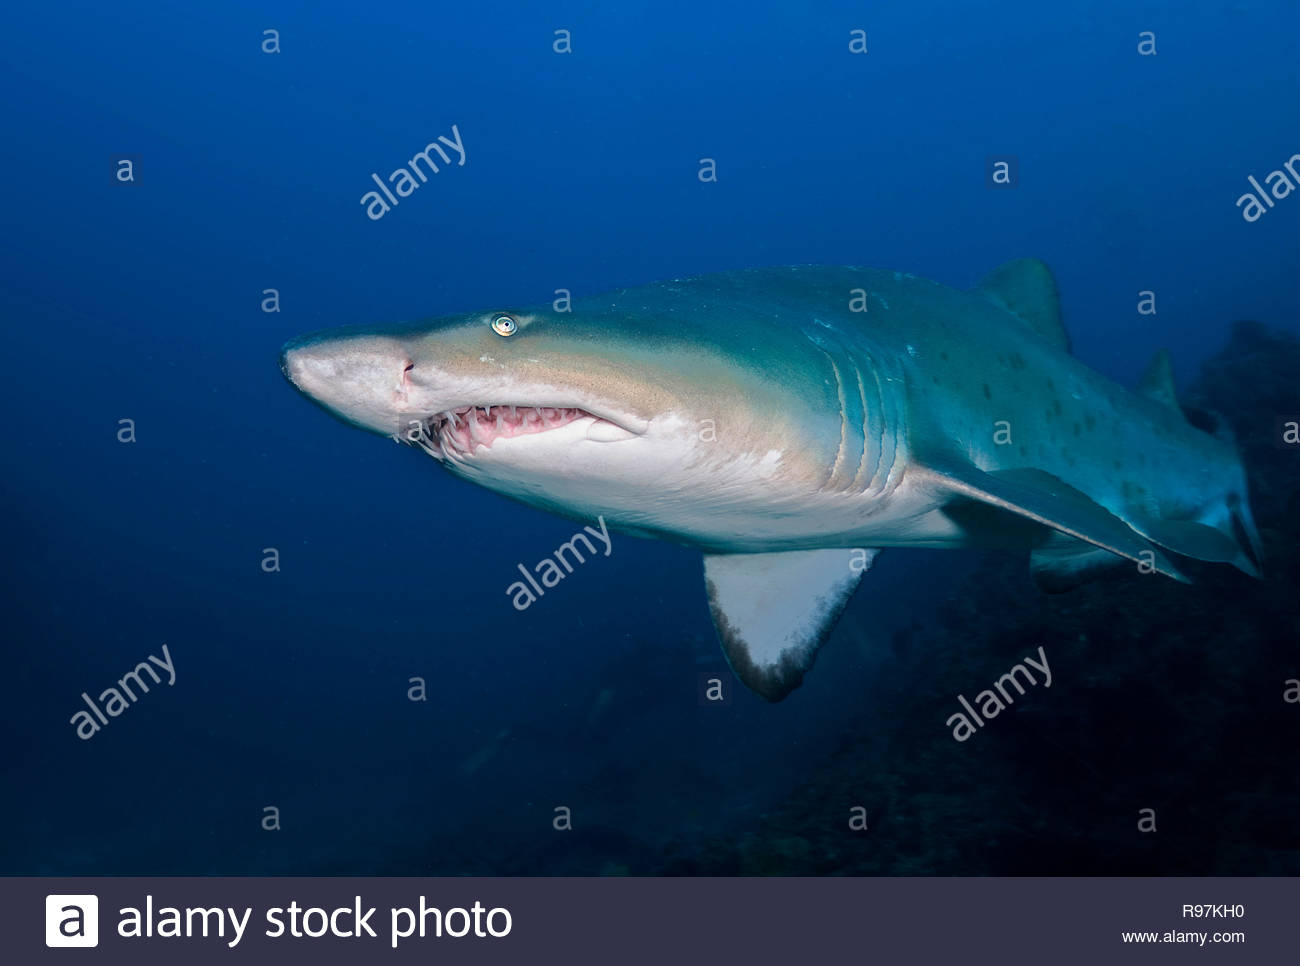 Sandtigerhai (Carcharias taurus), Kwazulu-Natal, Südafrika | Ragged tooth shark or Sandtiger shark (Carcharias taurus), Kwazulu-Natal, South, Africa - Stock Image